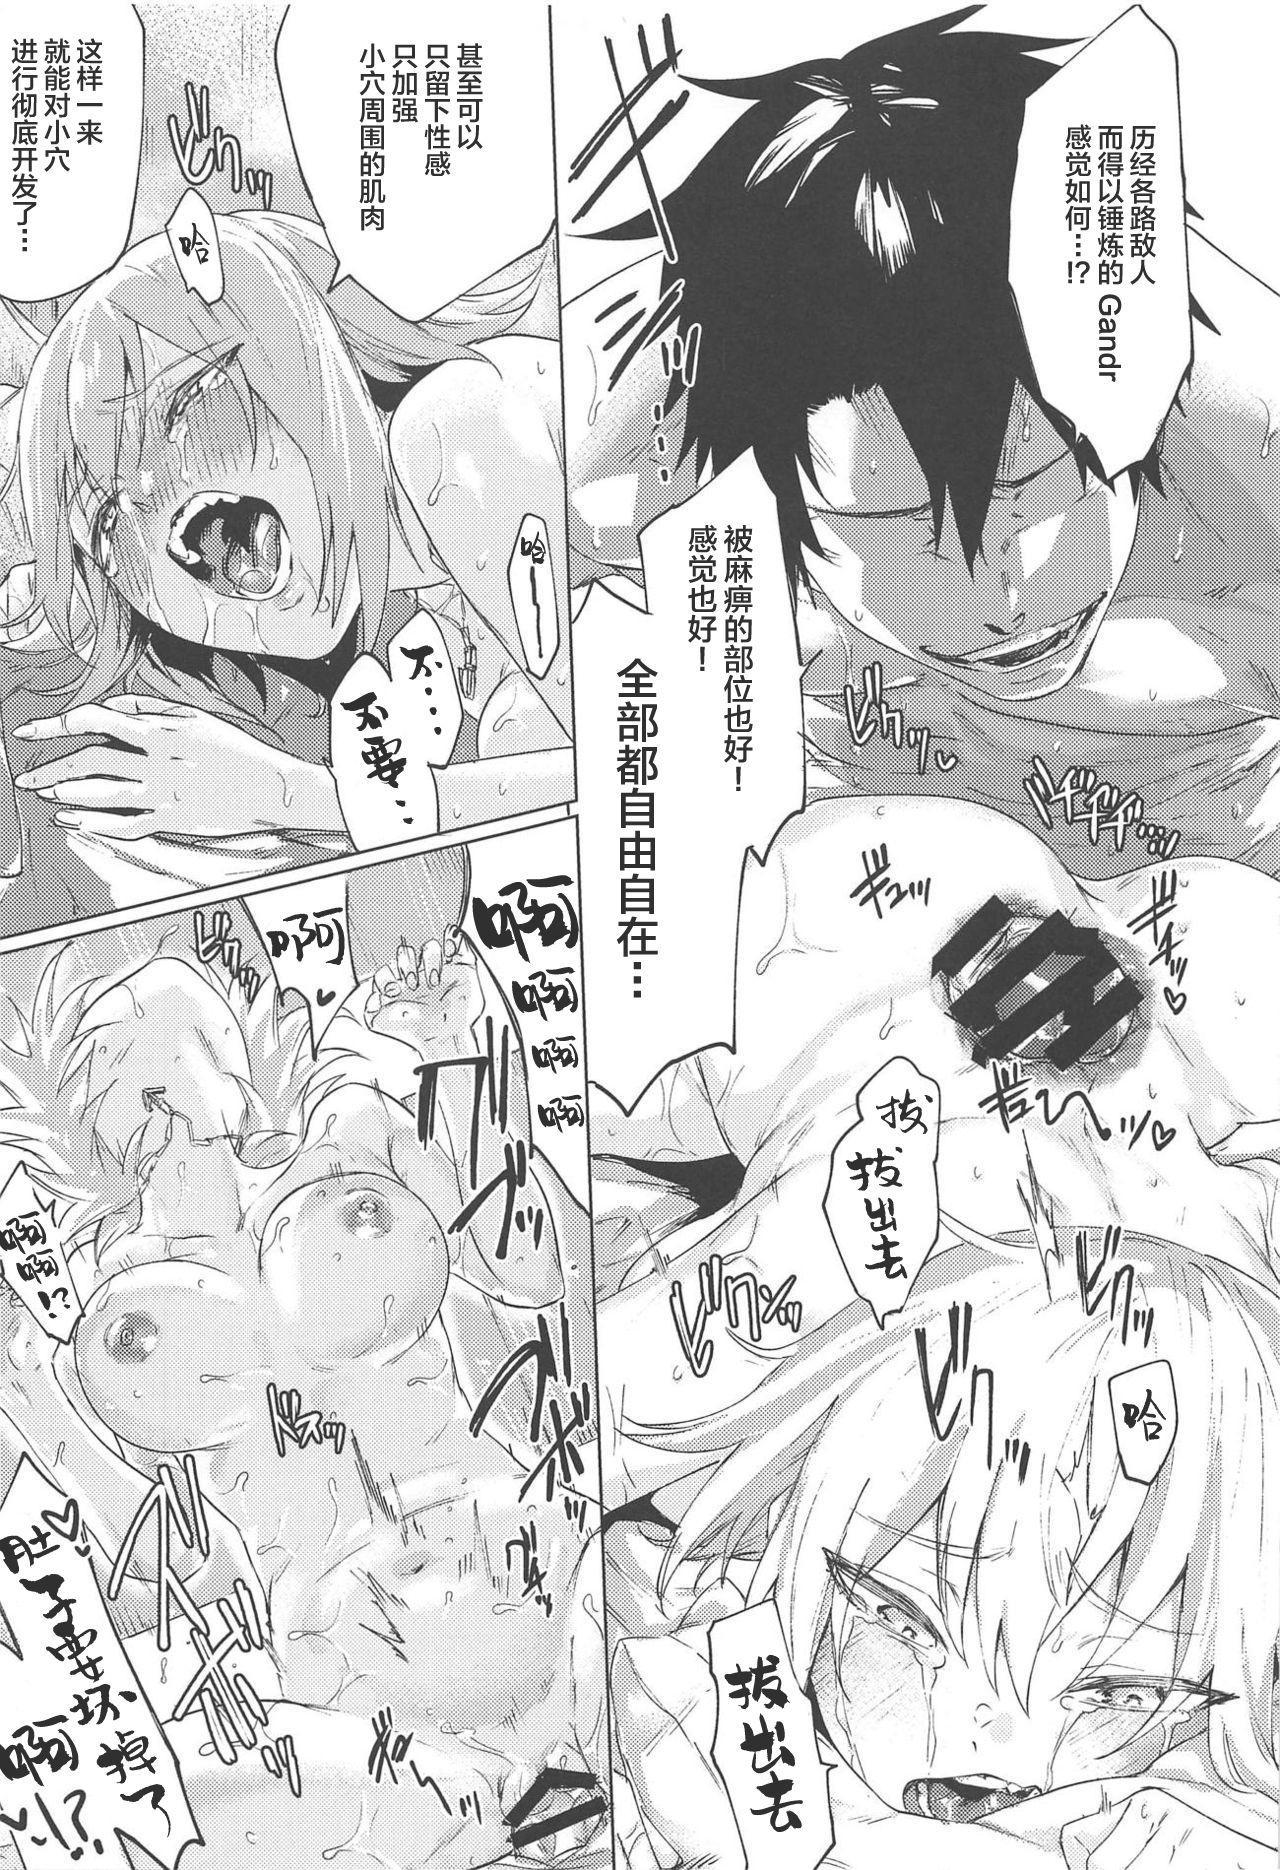 Iikagen ni Shite Kure!! Alter-san 10